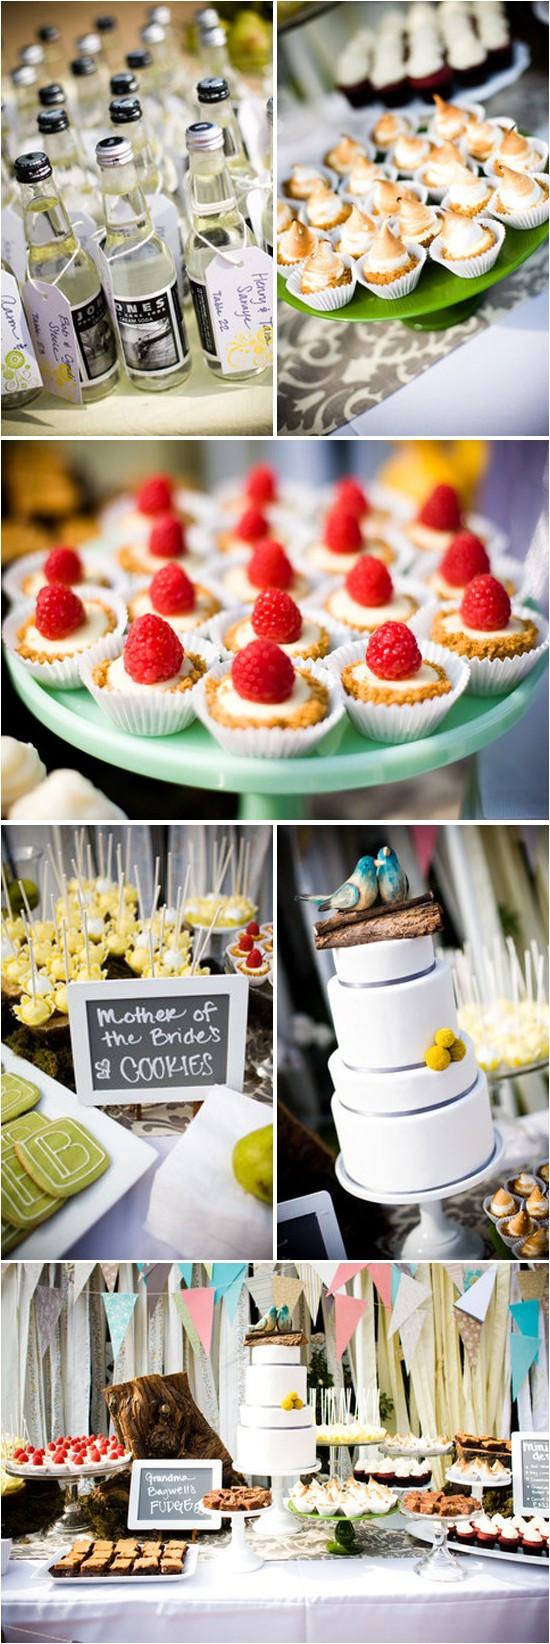 Wedding Dessert Bar Ideas  Dessert Buffet Ideas Weddings By Lilly